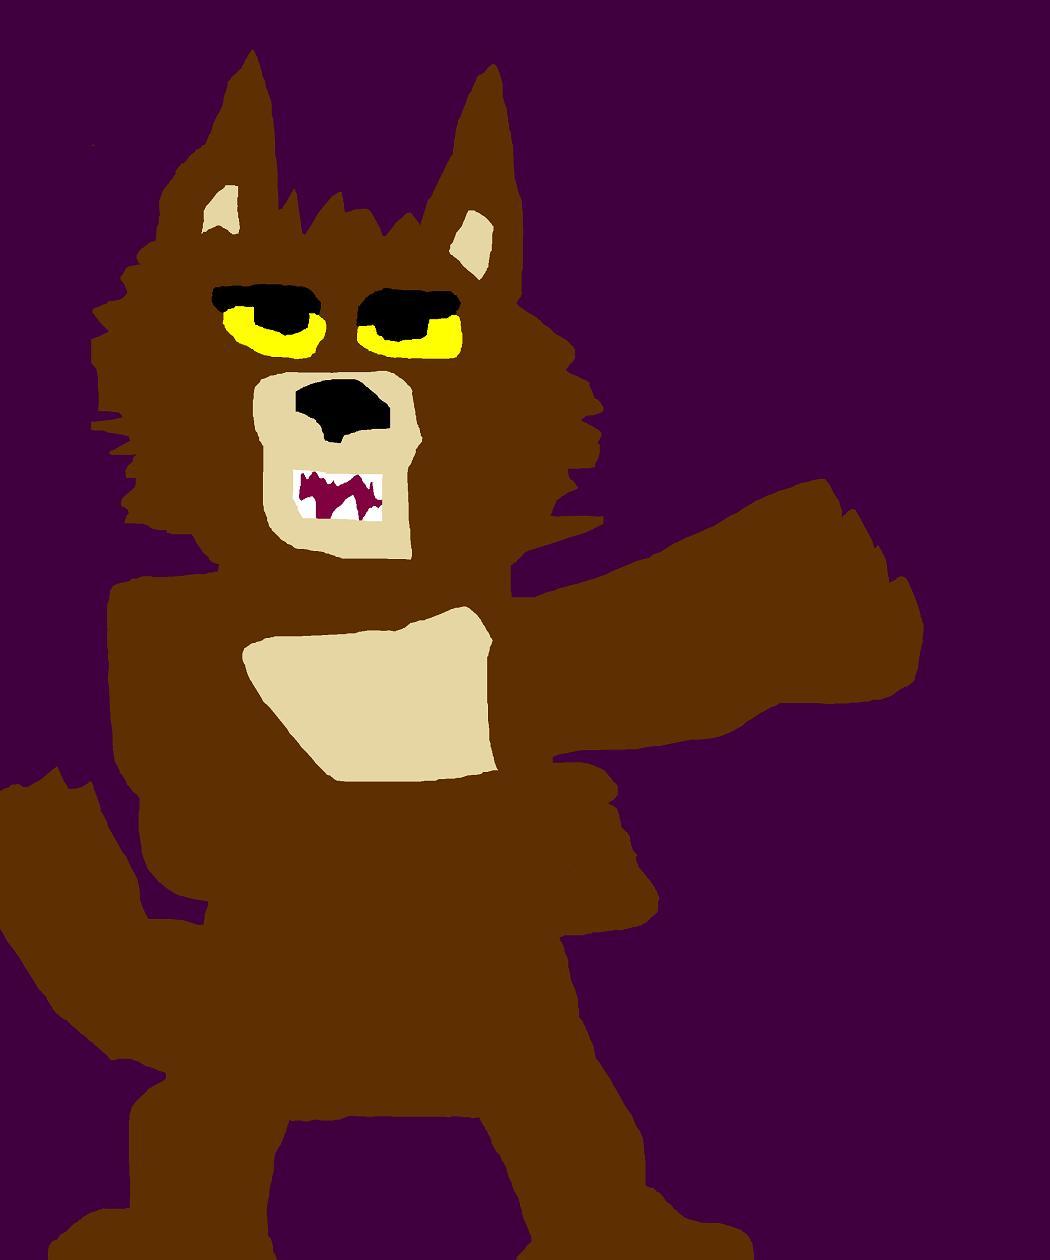 Toon Werewolf Ms Paint by Falconlobo